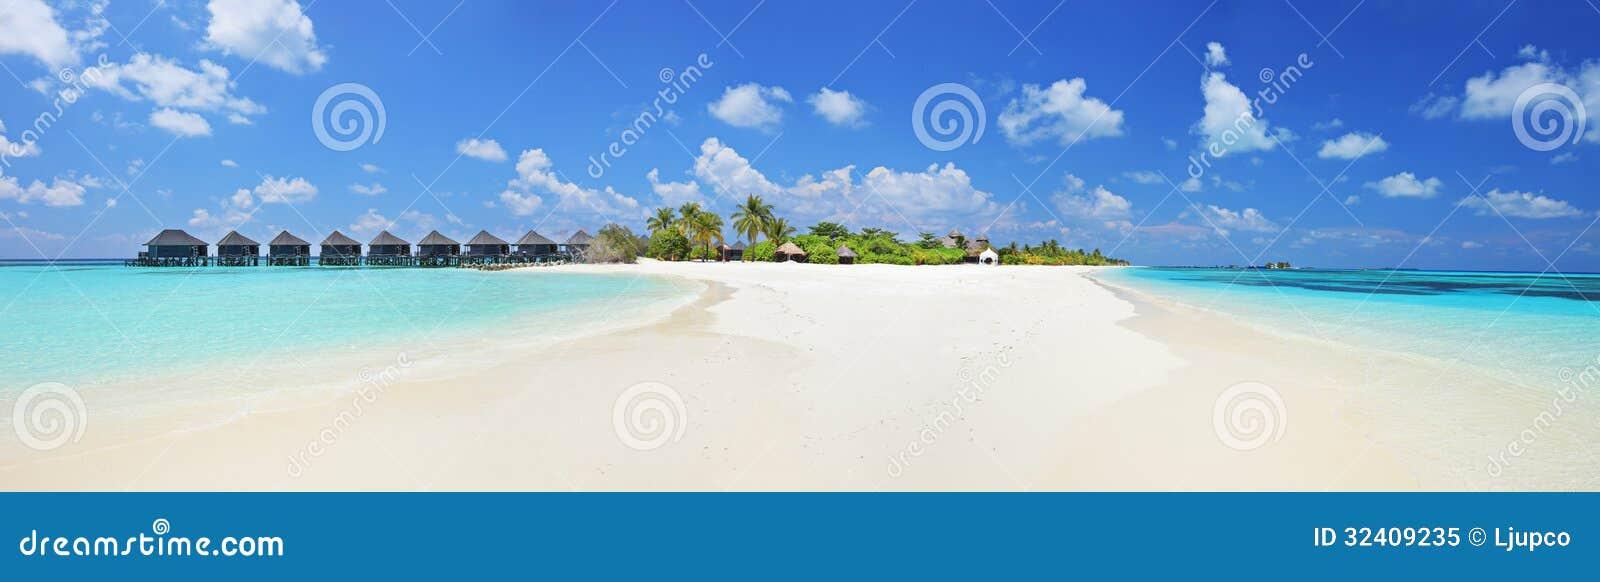 El panorama tiró de un islandl tropical, Maldivas en un día soleado